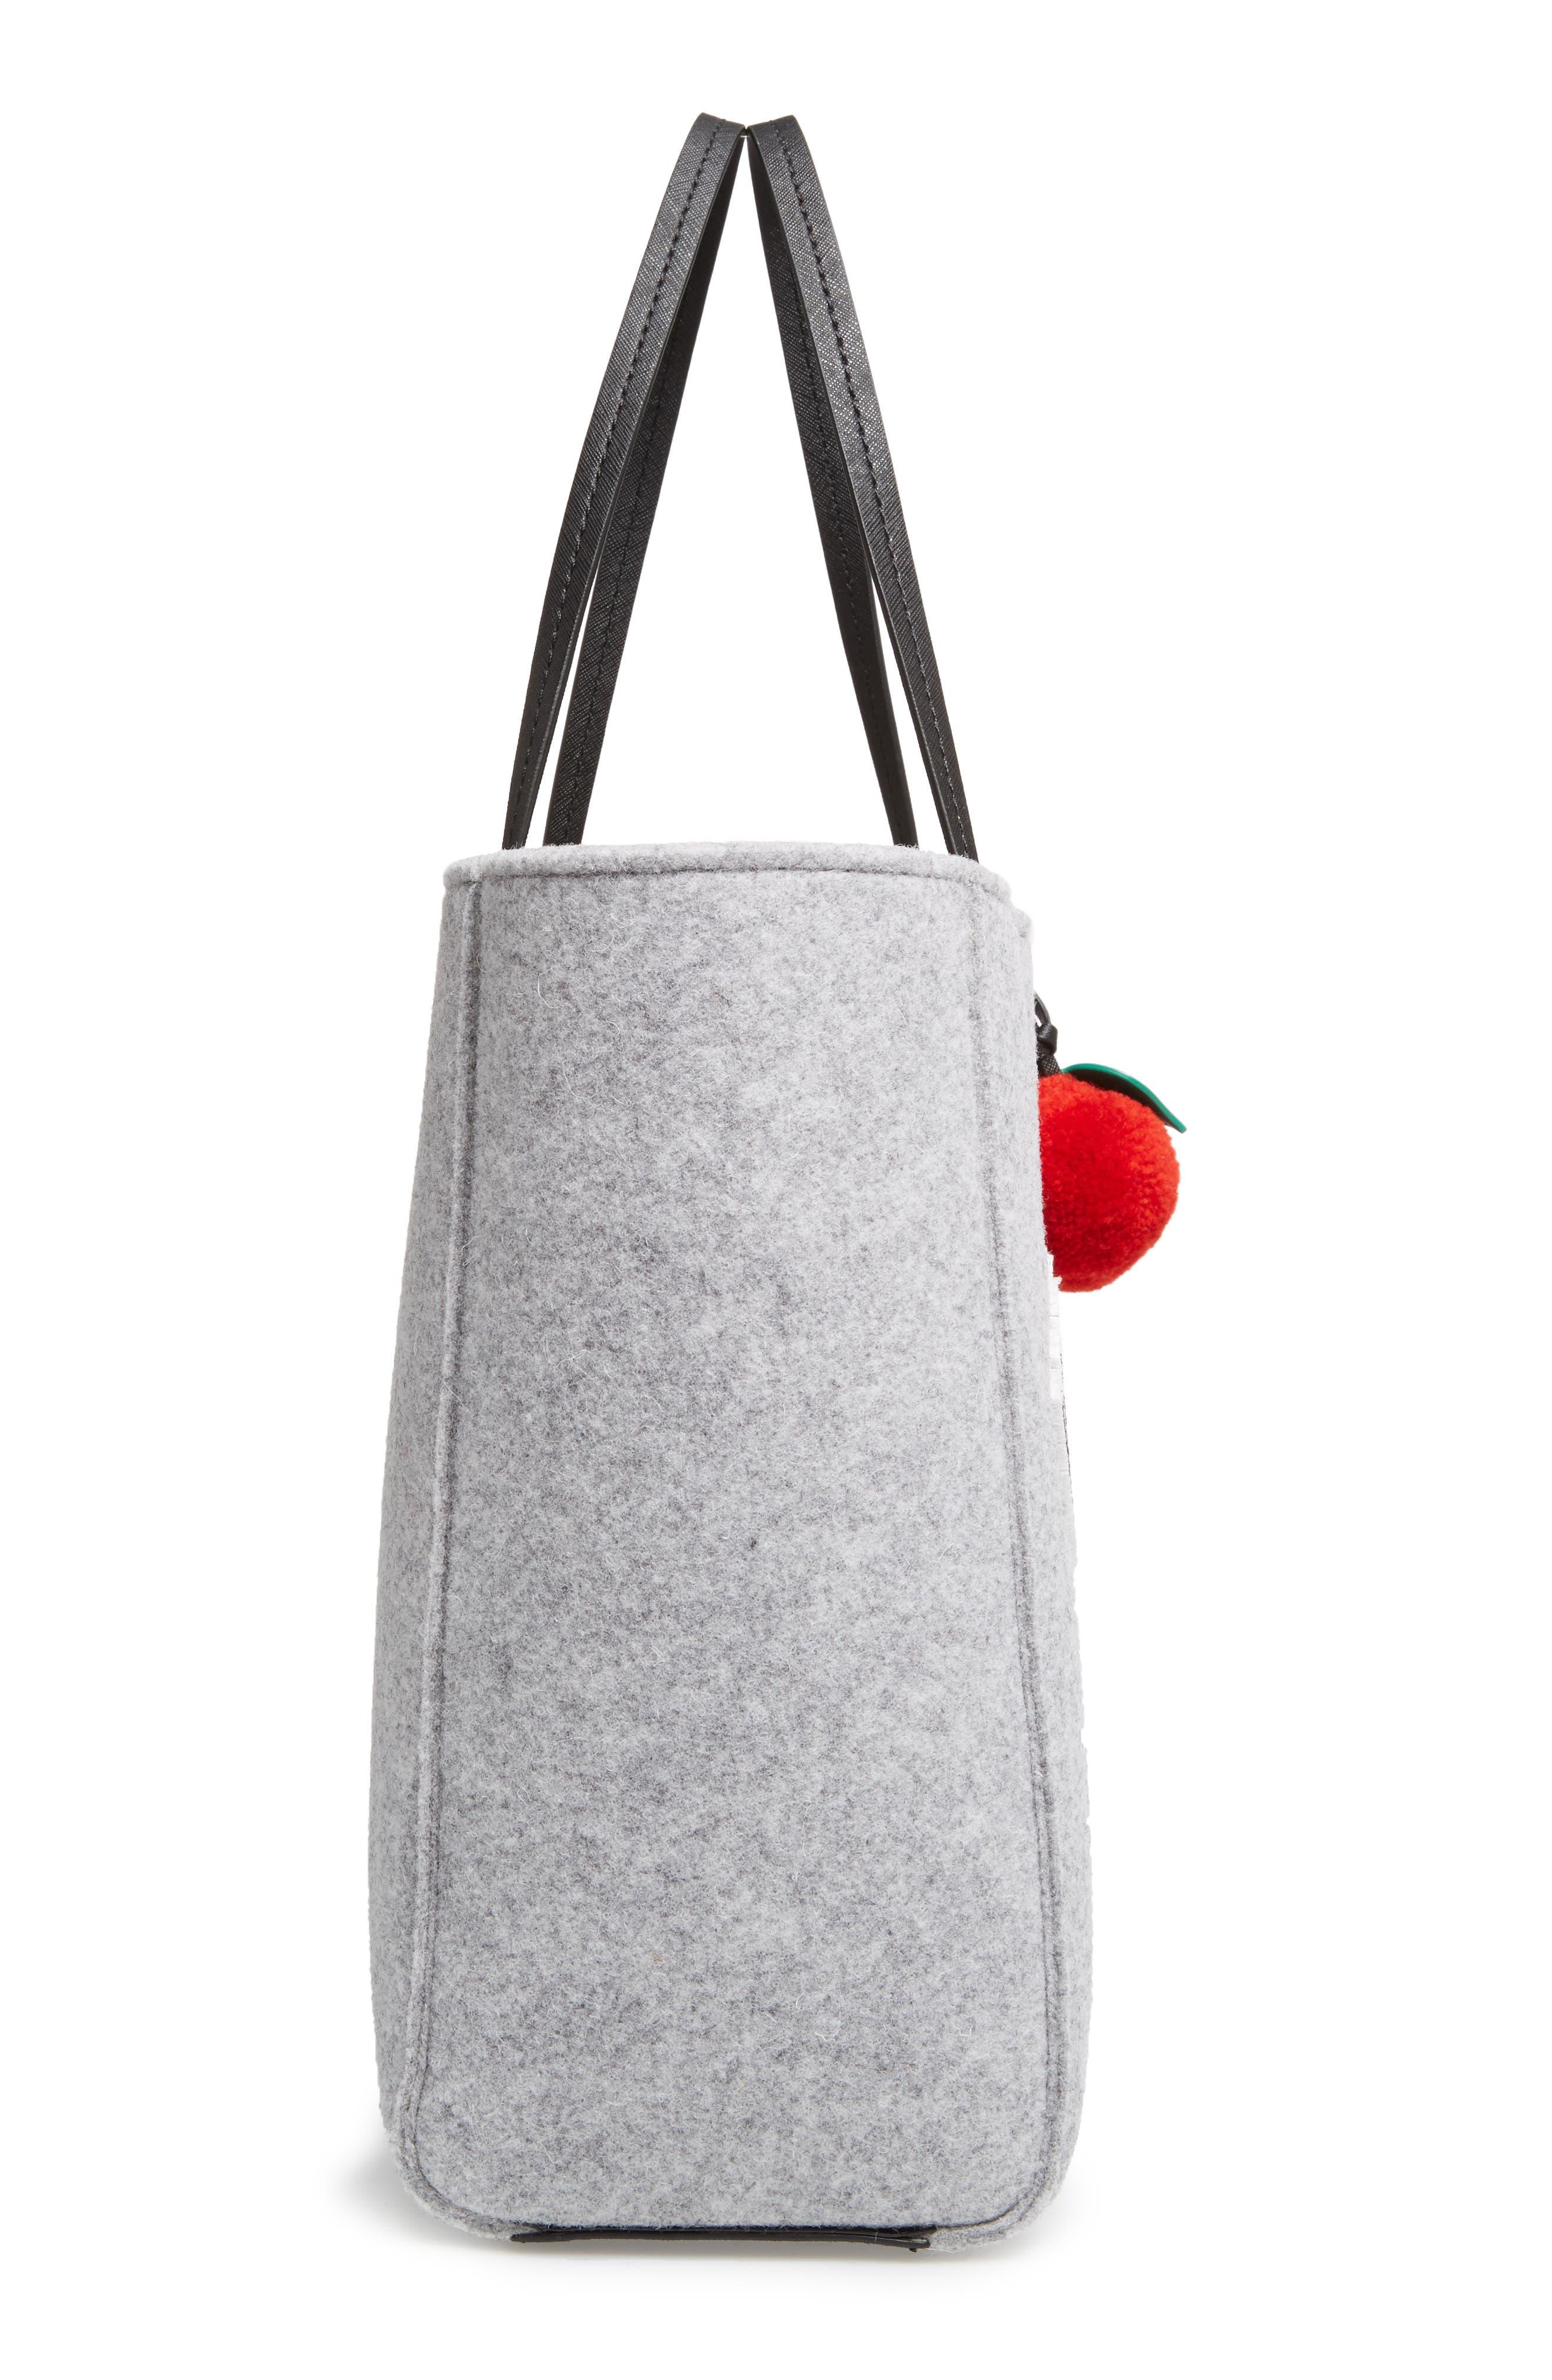 nouveau york - hallie flannel tote & apple pom bag charm,                             Alternate thumbnail 4, color,                             Light Charcoal